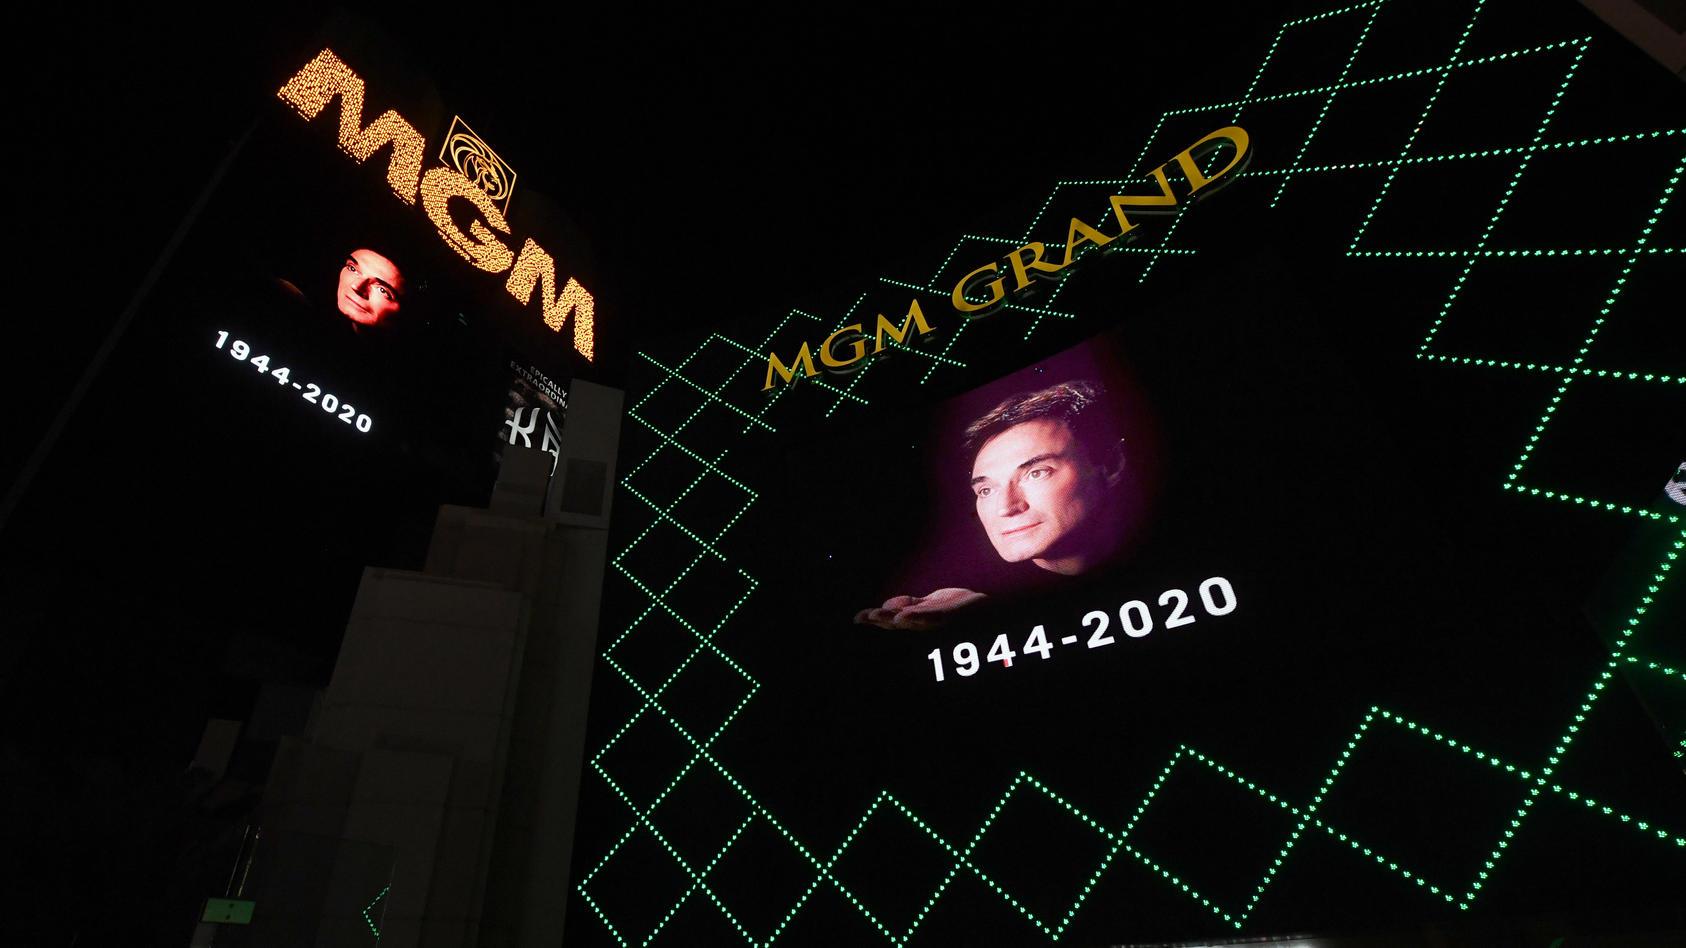 Das MGM Grand Hotel in Las Vegas gedenkt auf seinen riesigen Videotafeln seinem verstorbenem Star Roy Horn.